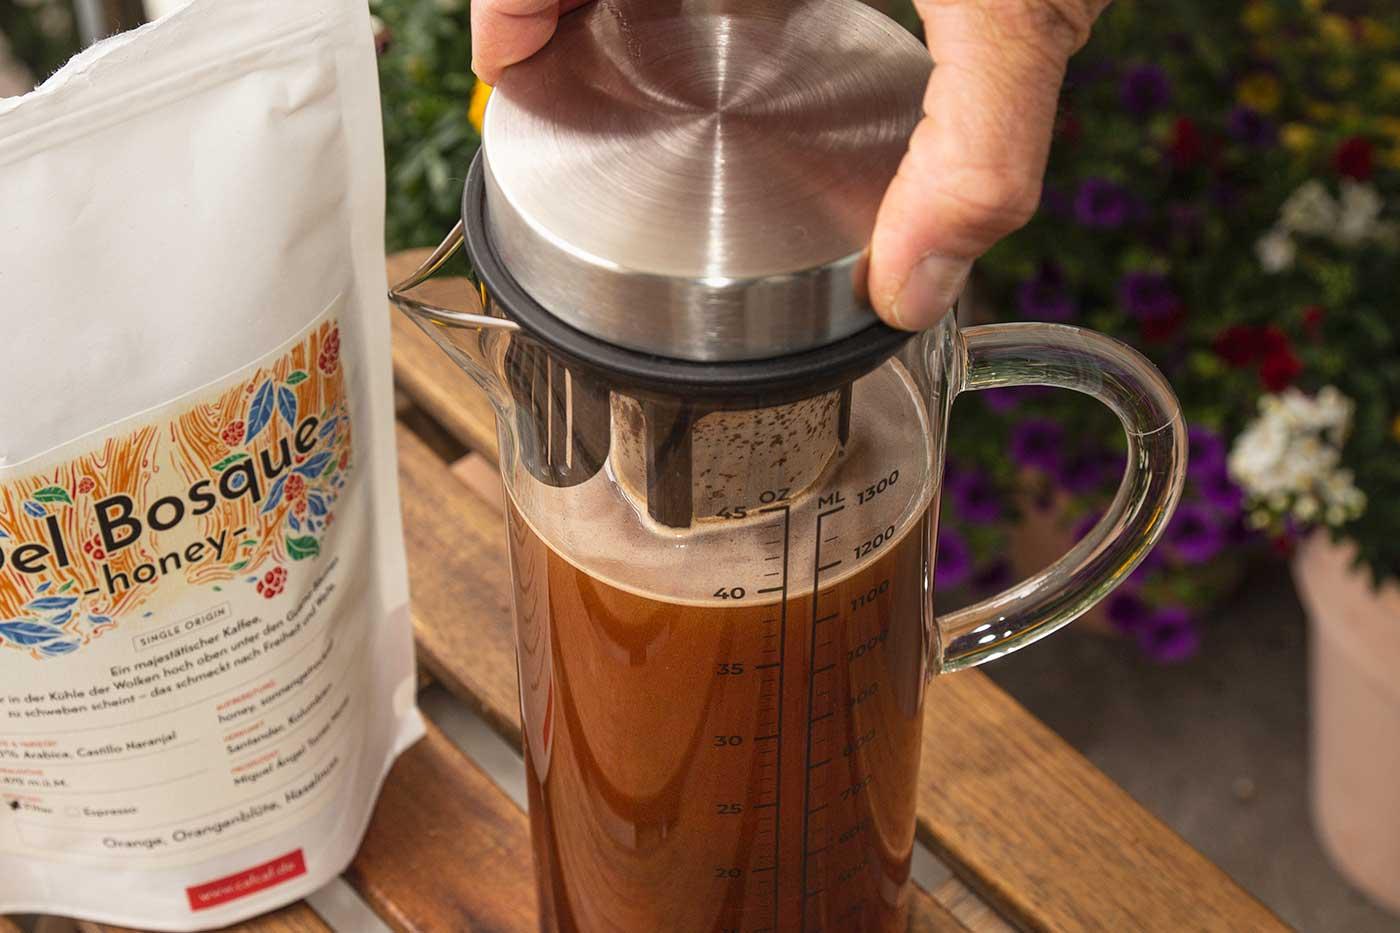 CafCaf Cold Brew Zubereitung: Schritt 3 mindestens 12 Stunden ziehen lassen